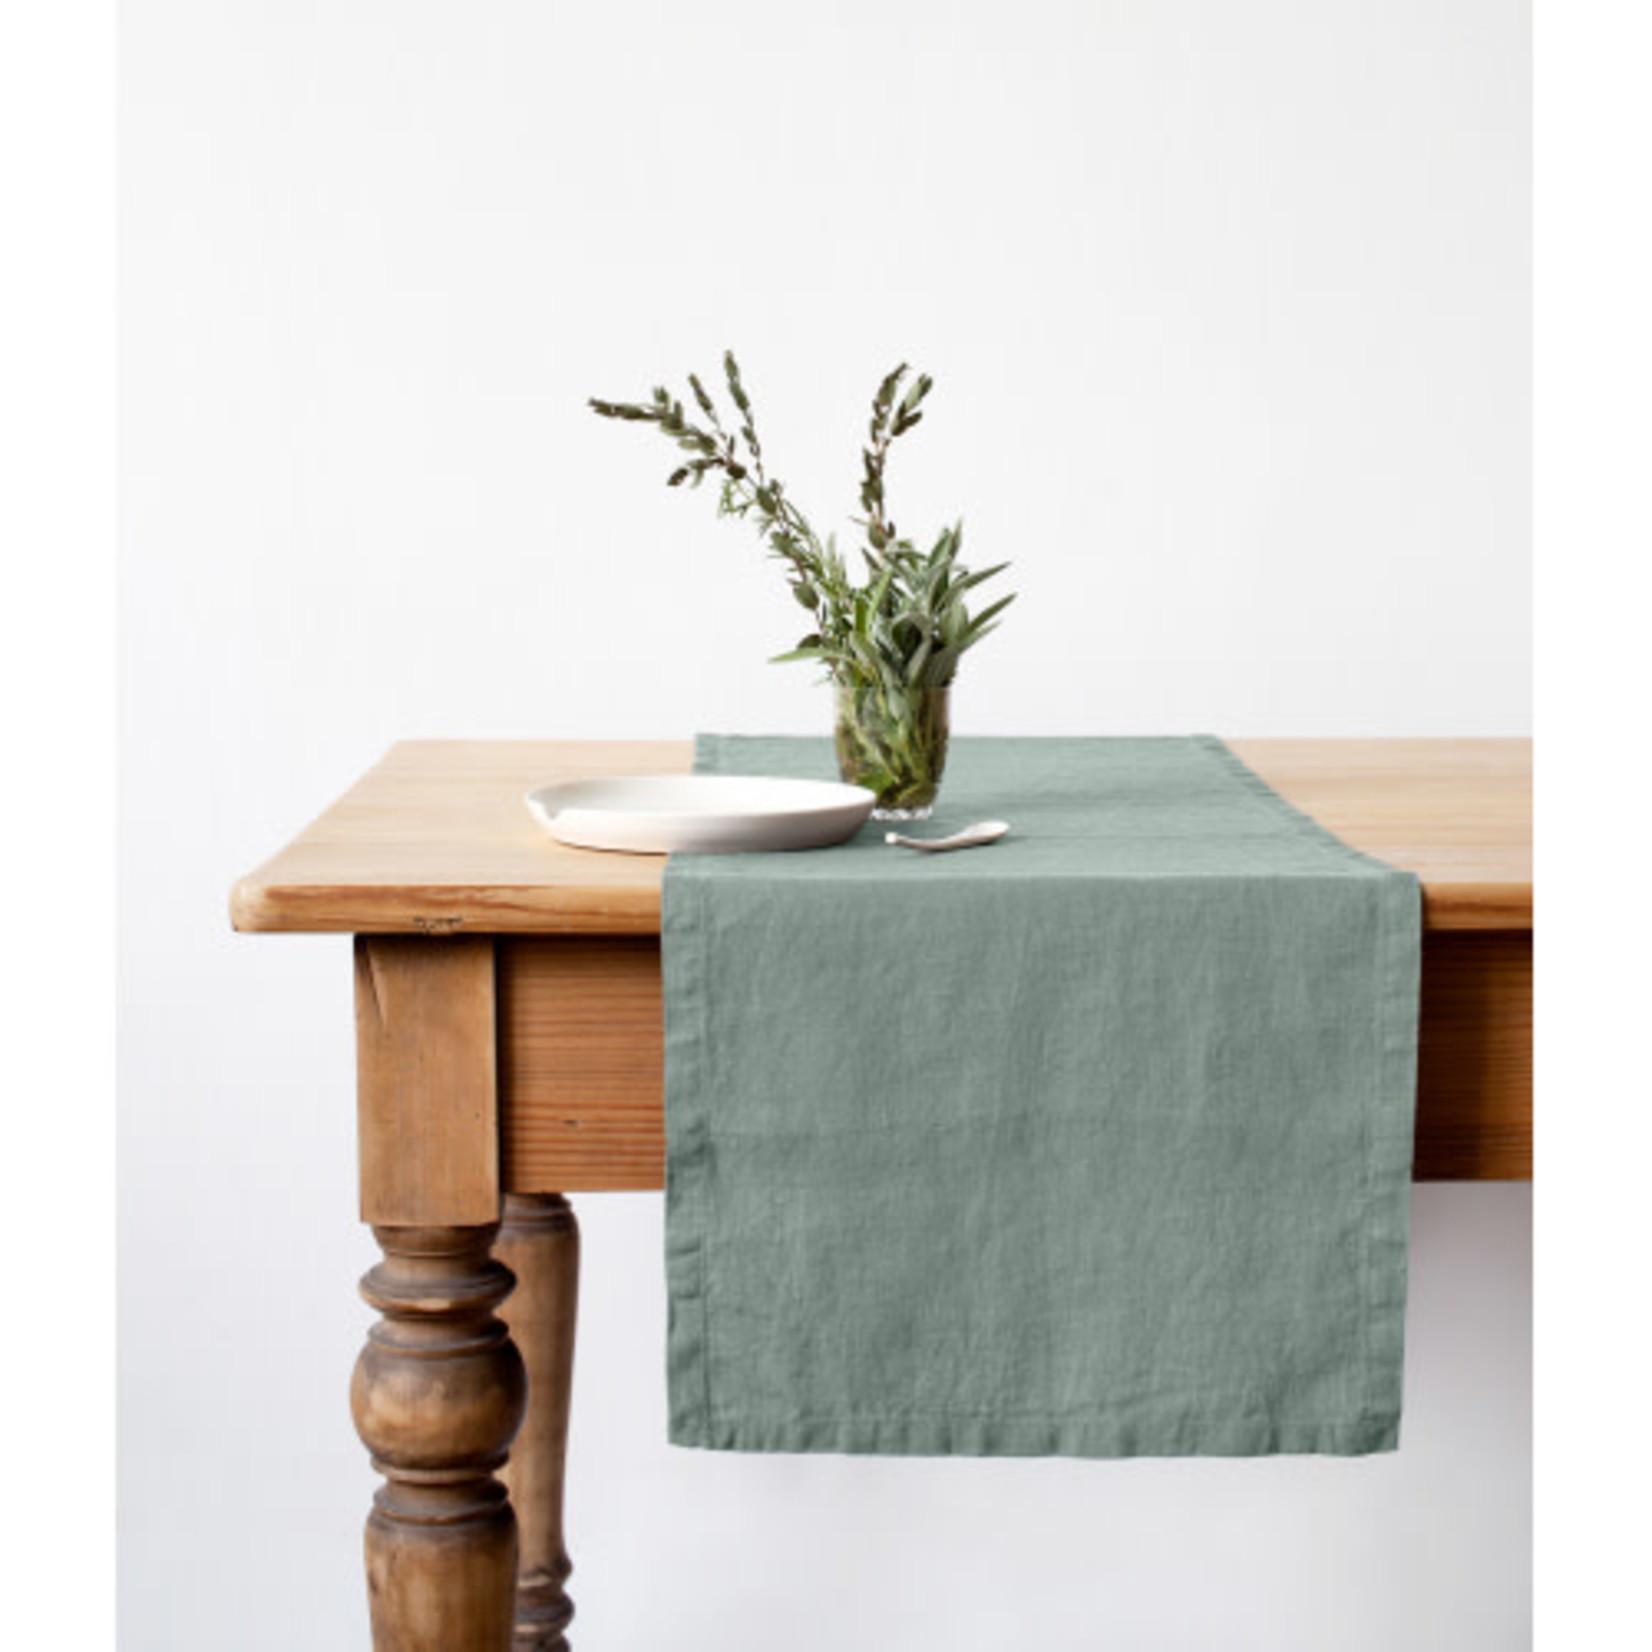 Green Milieu Table Runner